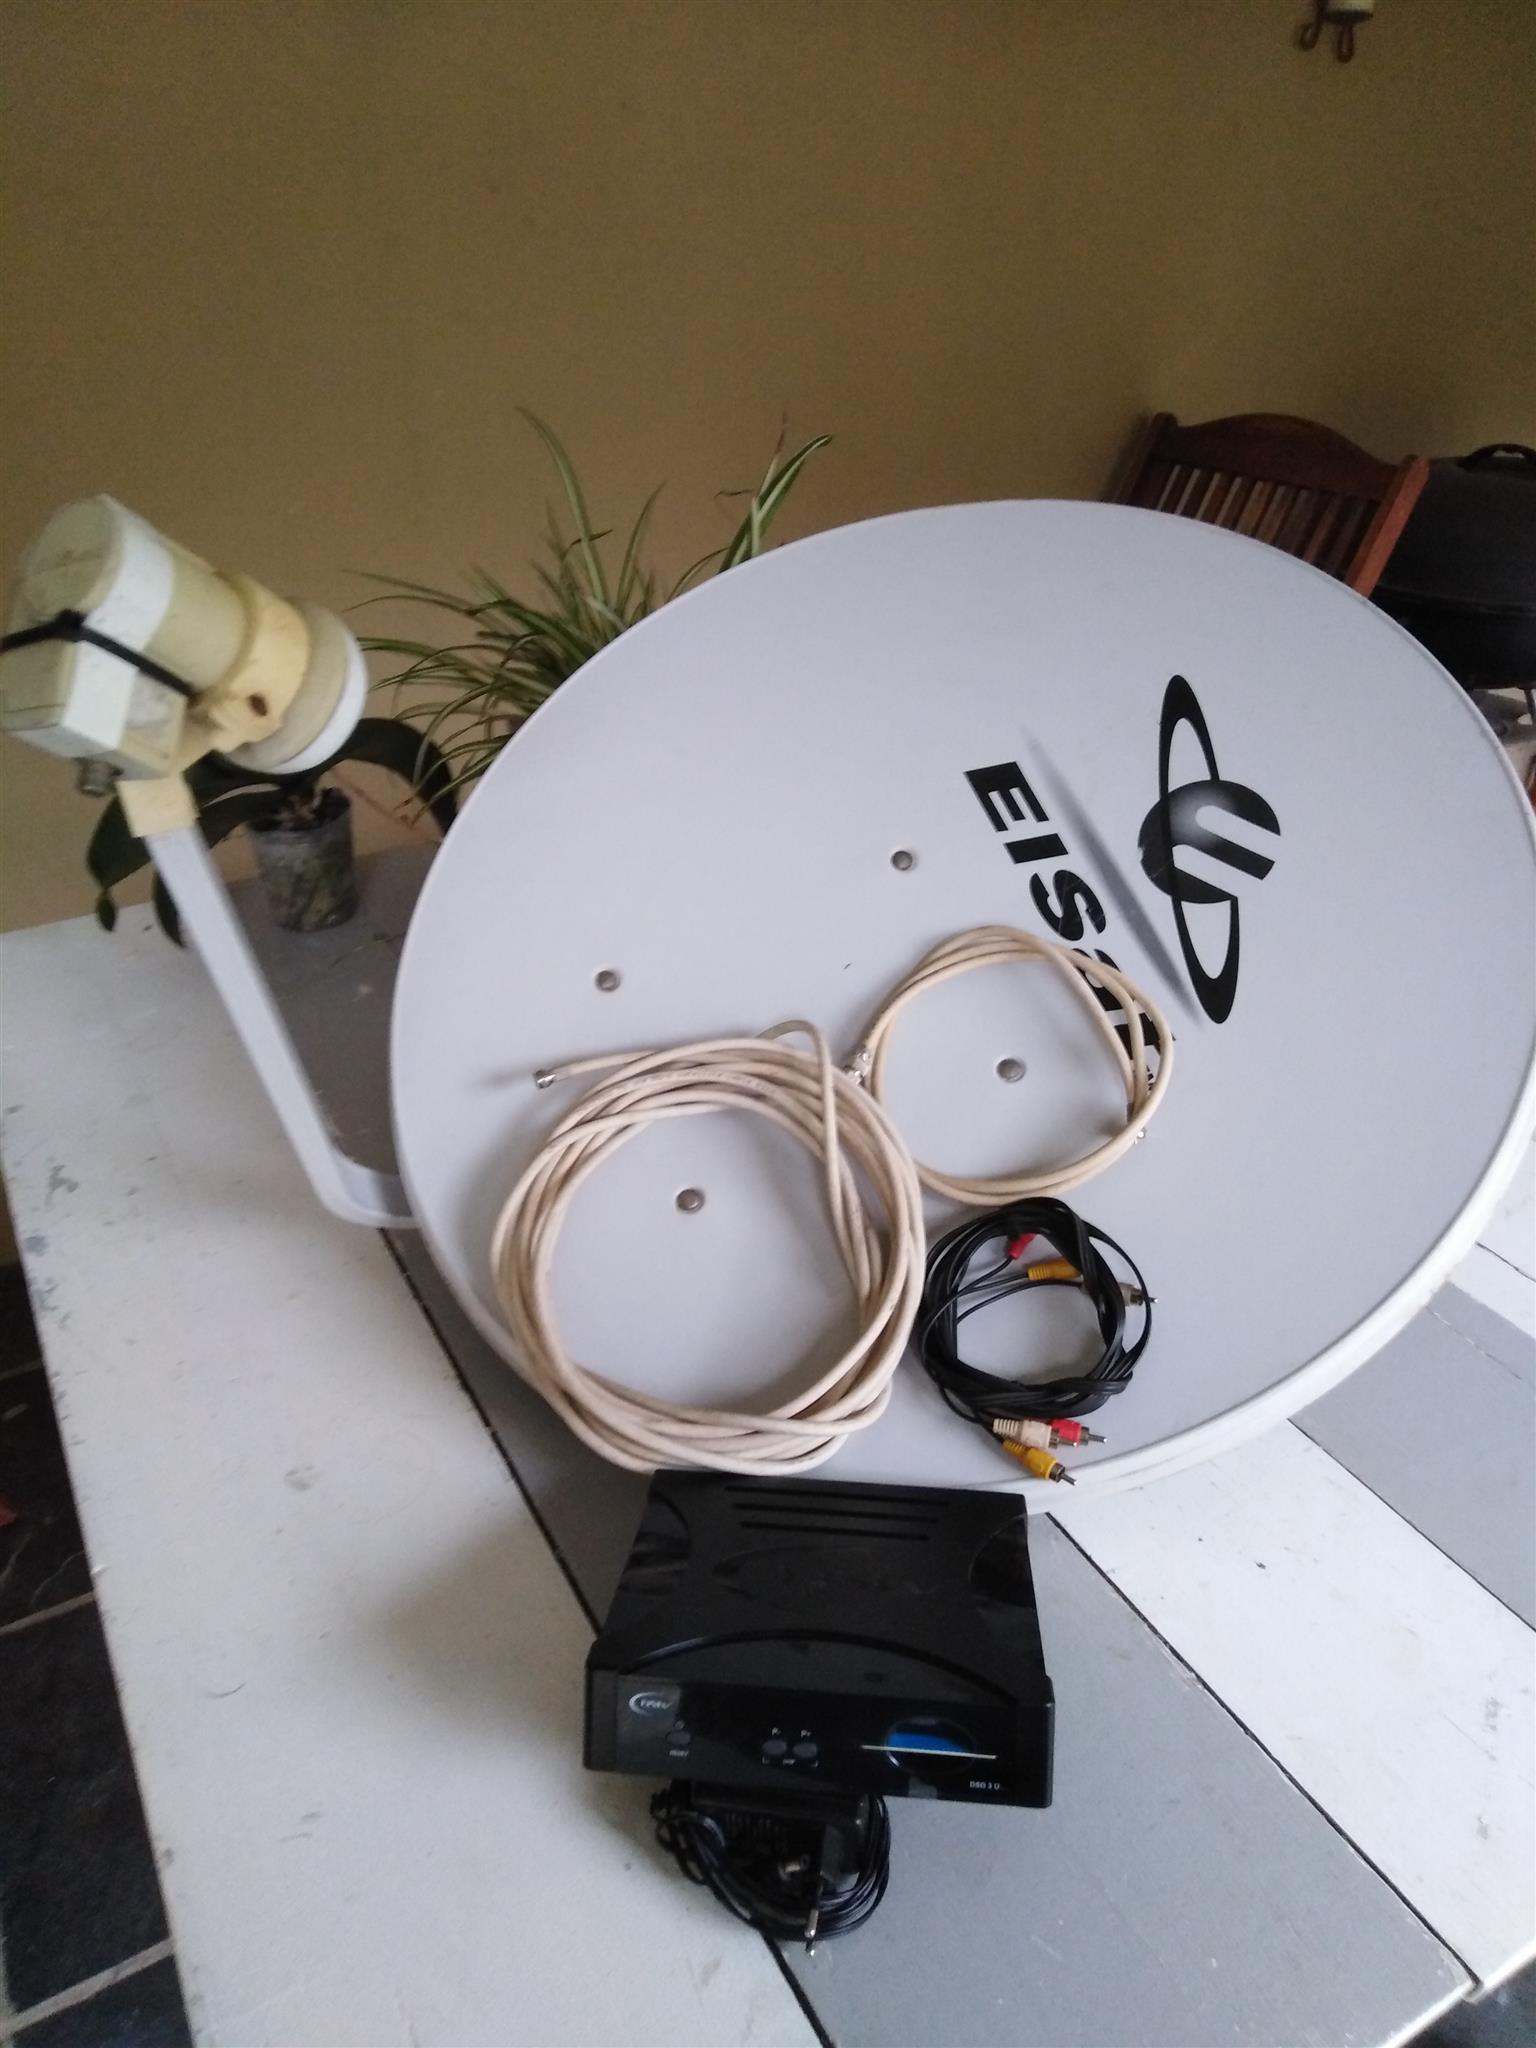 LOGIK 54cm TV plus DSTV decoder plus complete dish and cables.